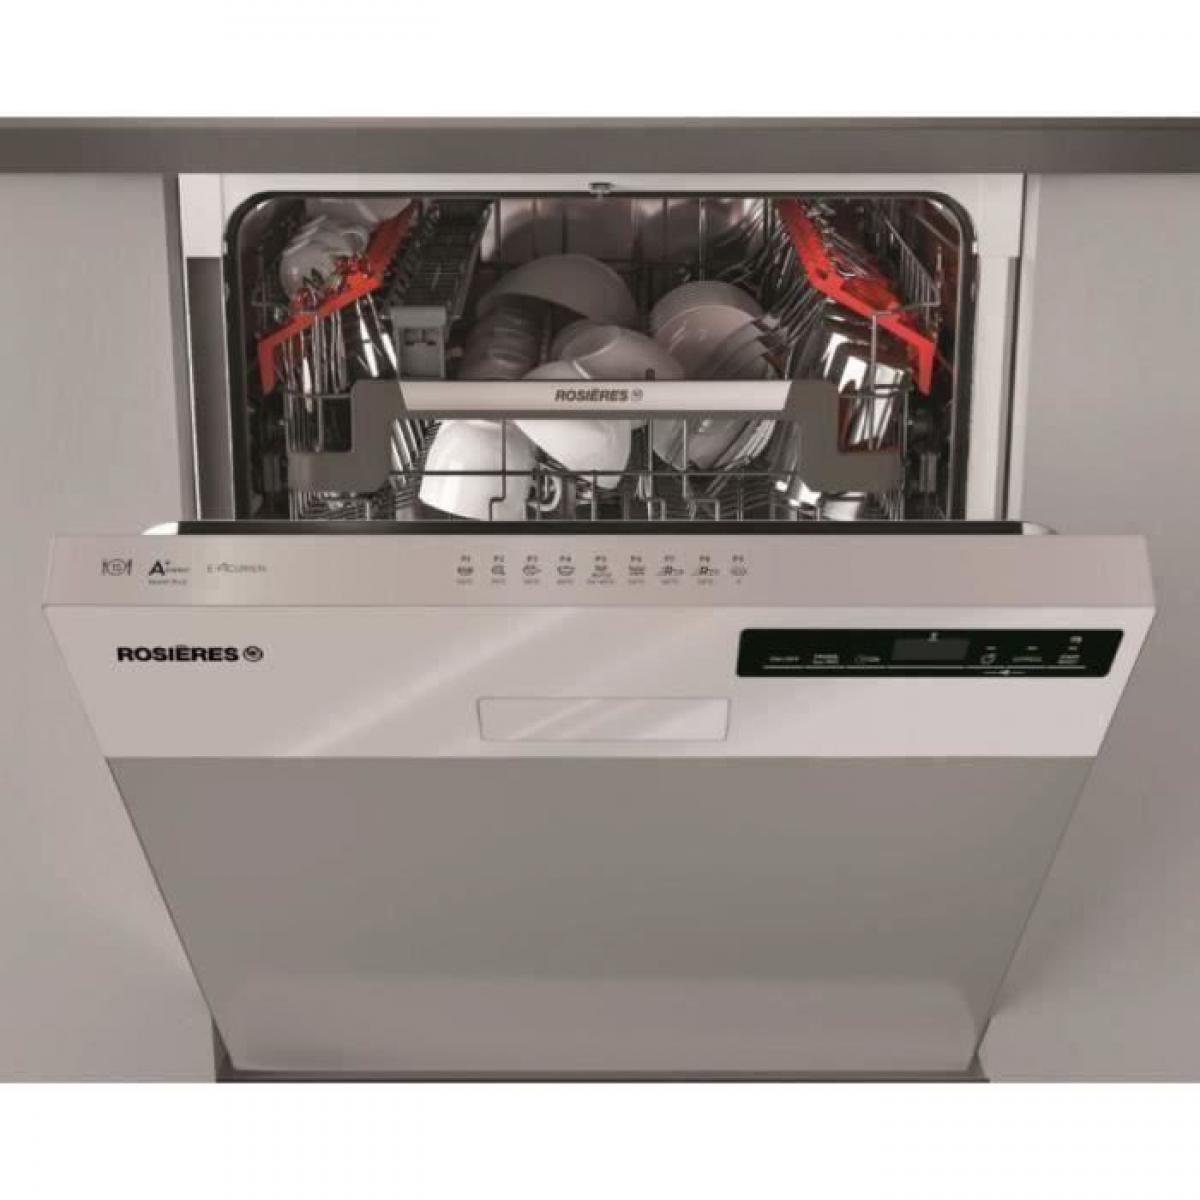 Rosieres Lave-vaisselle encastrable ROSIERES RDSN 1D530PX-47E - 15 couverts - Largeur 60 cm - 44 dB - Inox